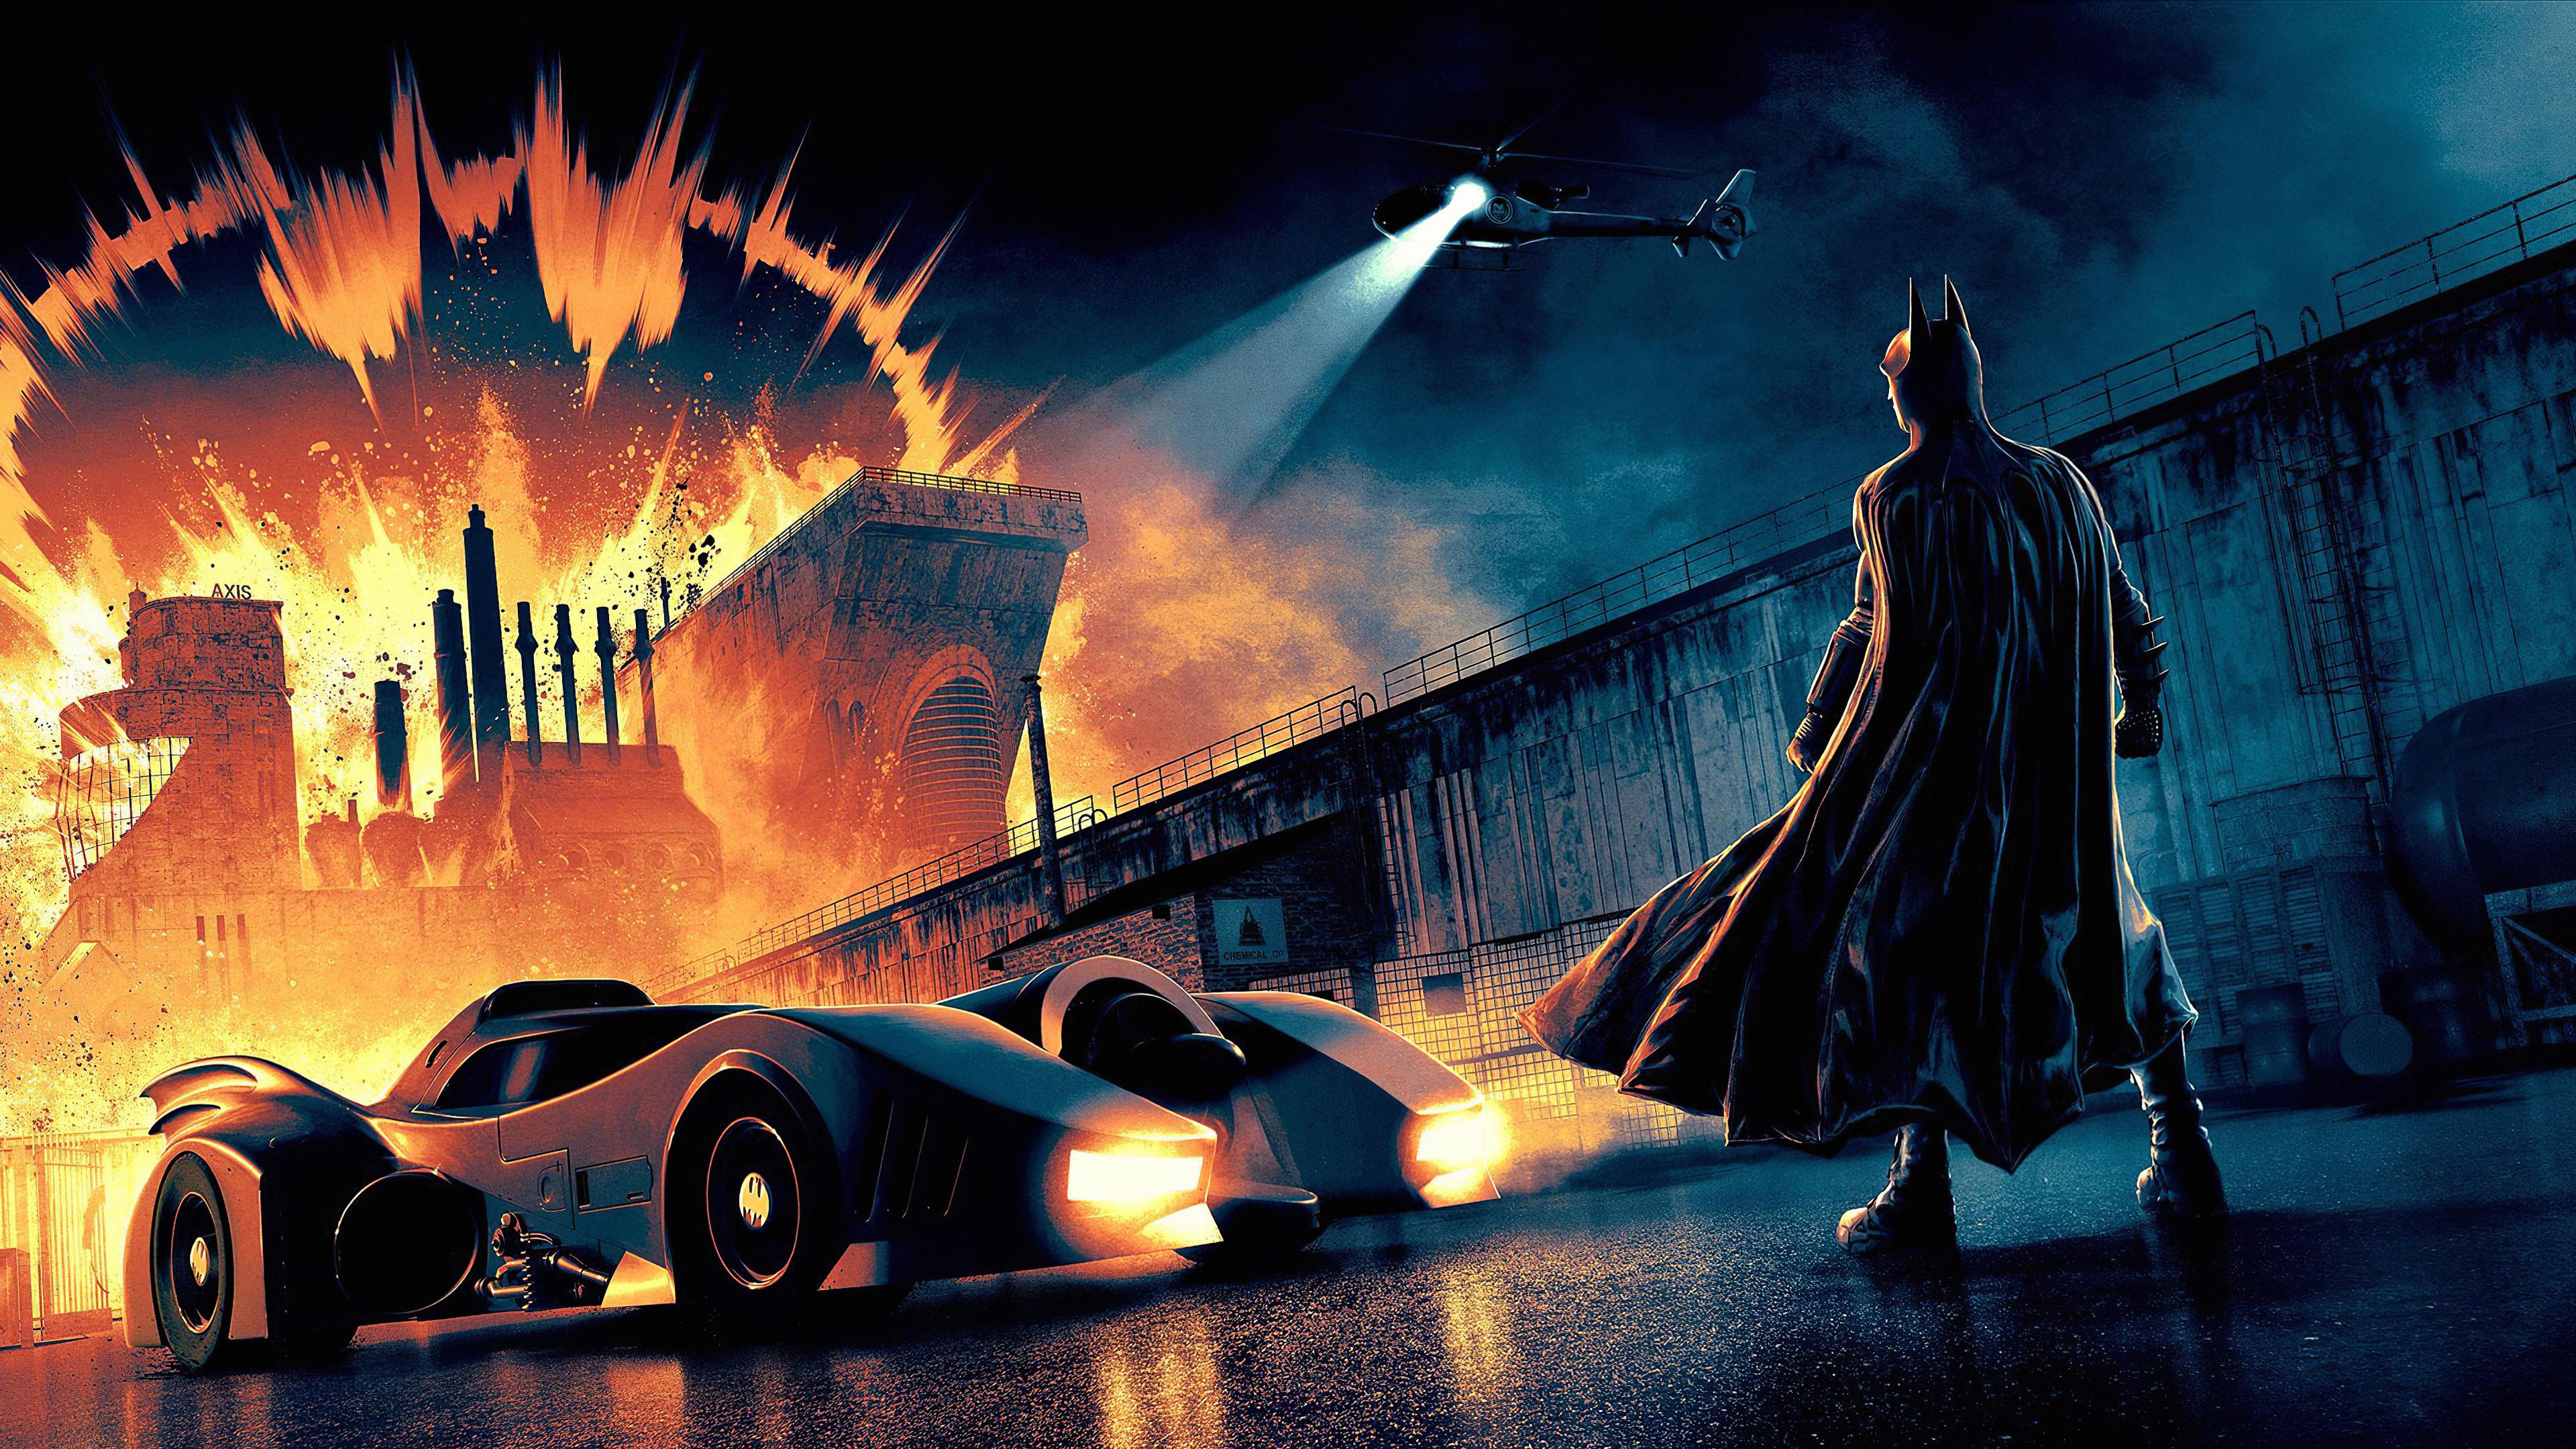 3840x2160 Batman 4k Batmobile 4k HD 4k Wallpapers, Images ...